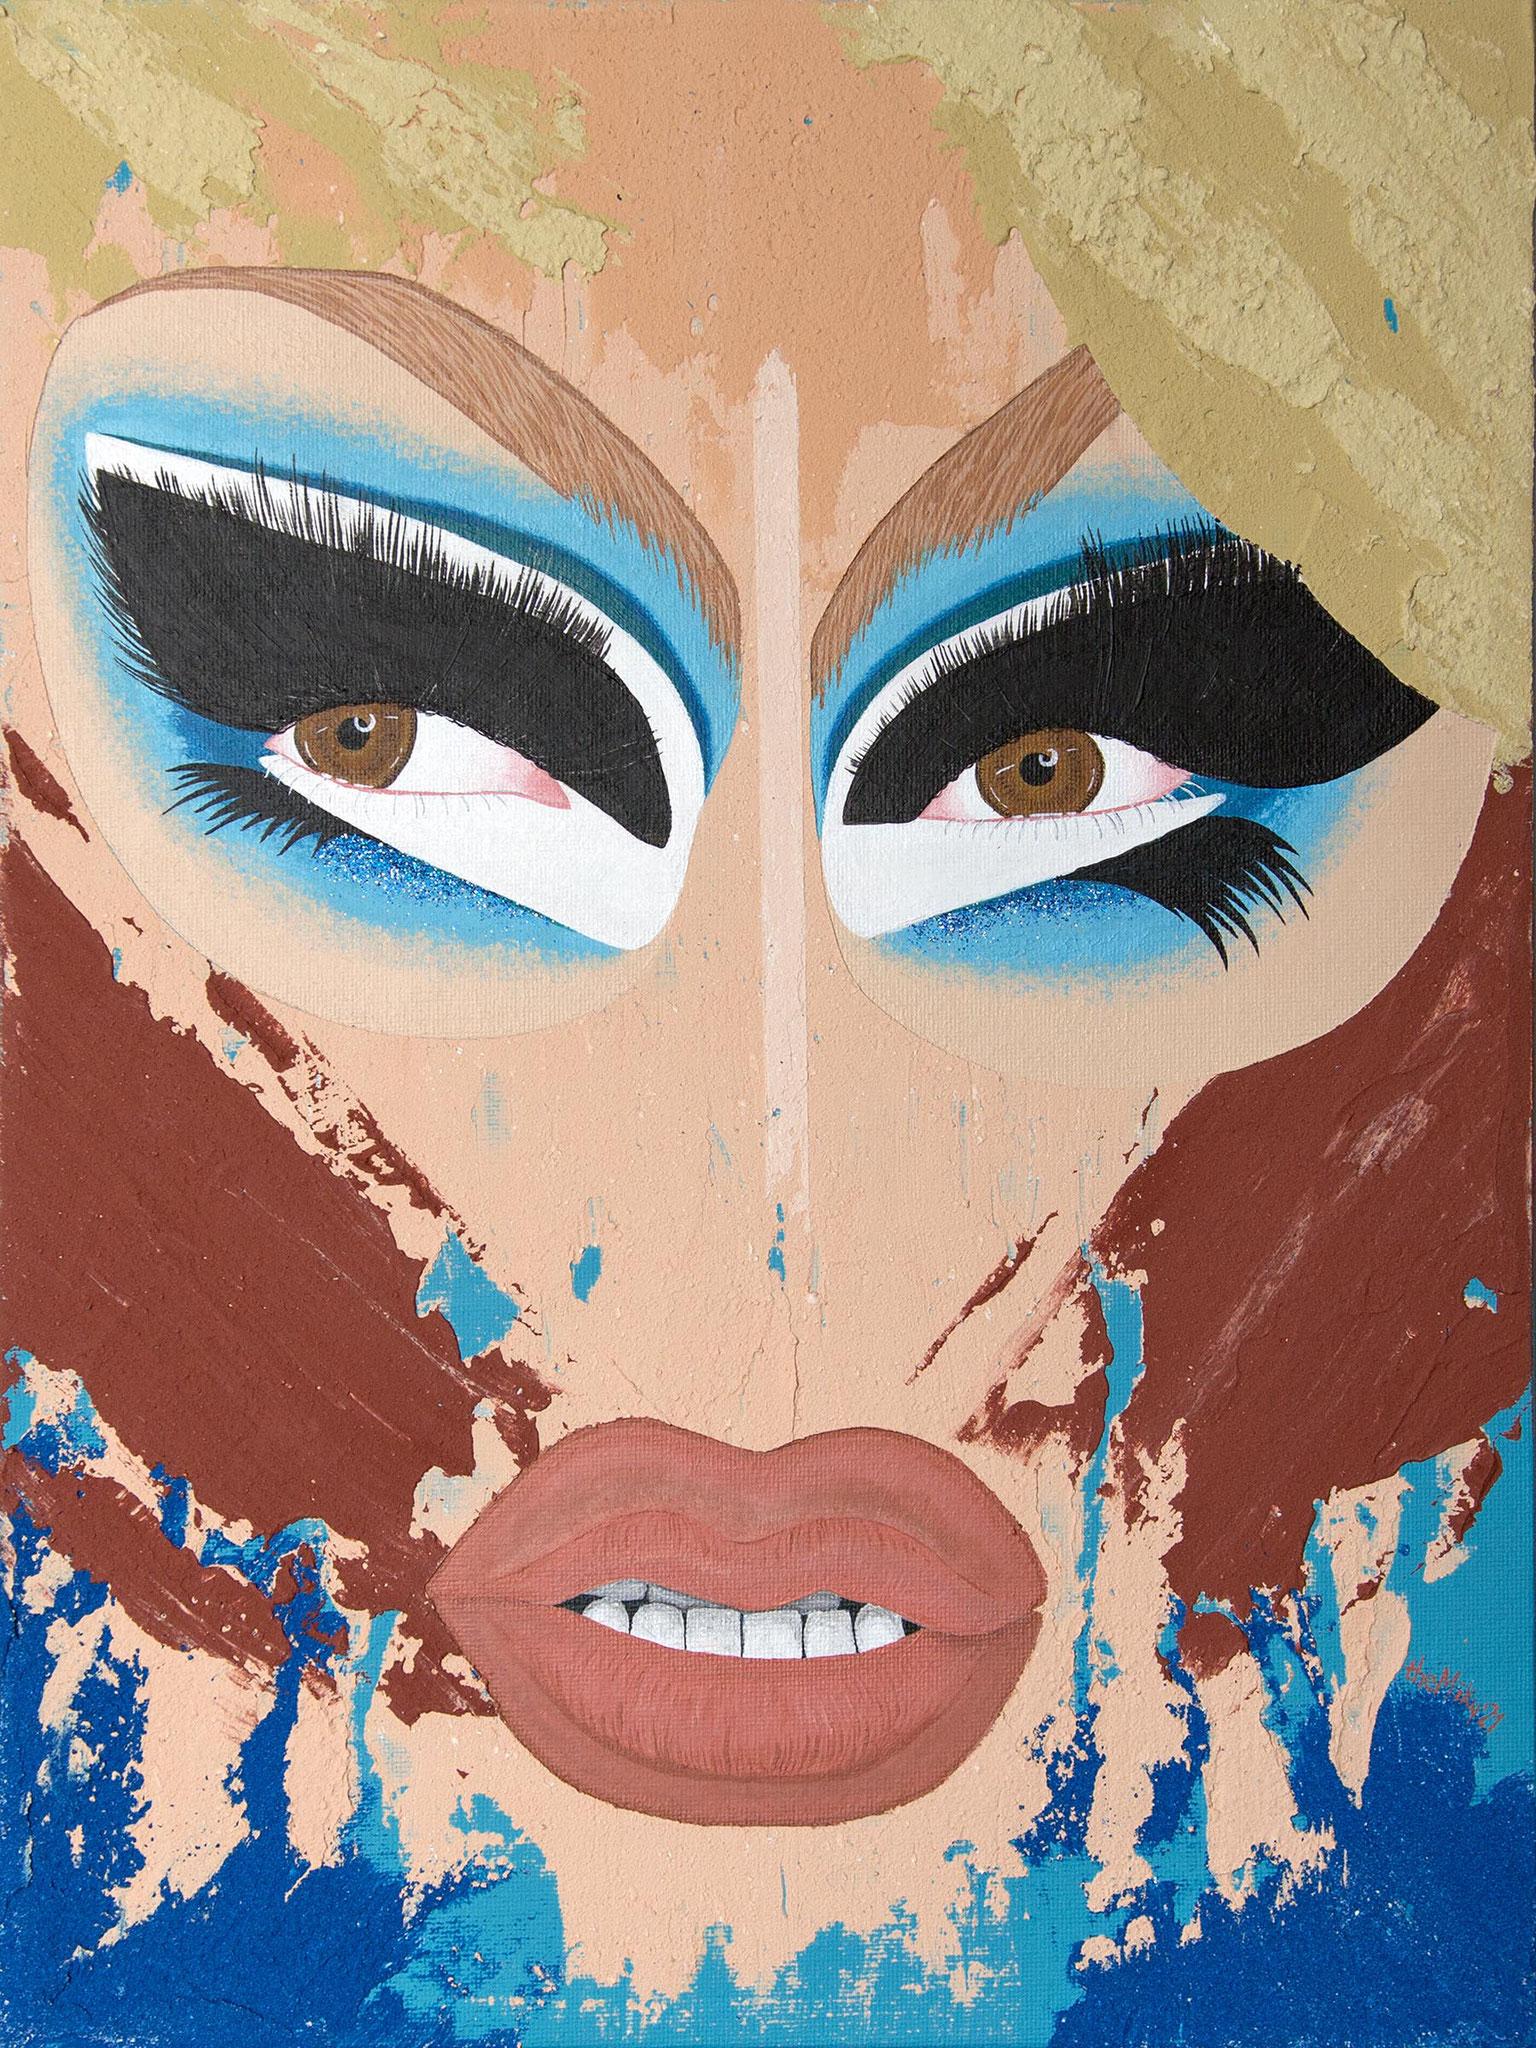 Trixie Mattel Royal Blue